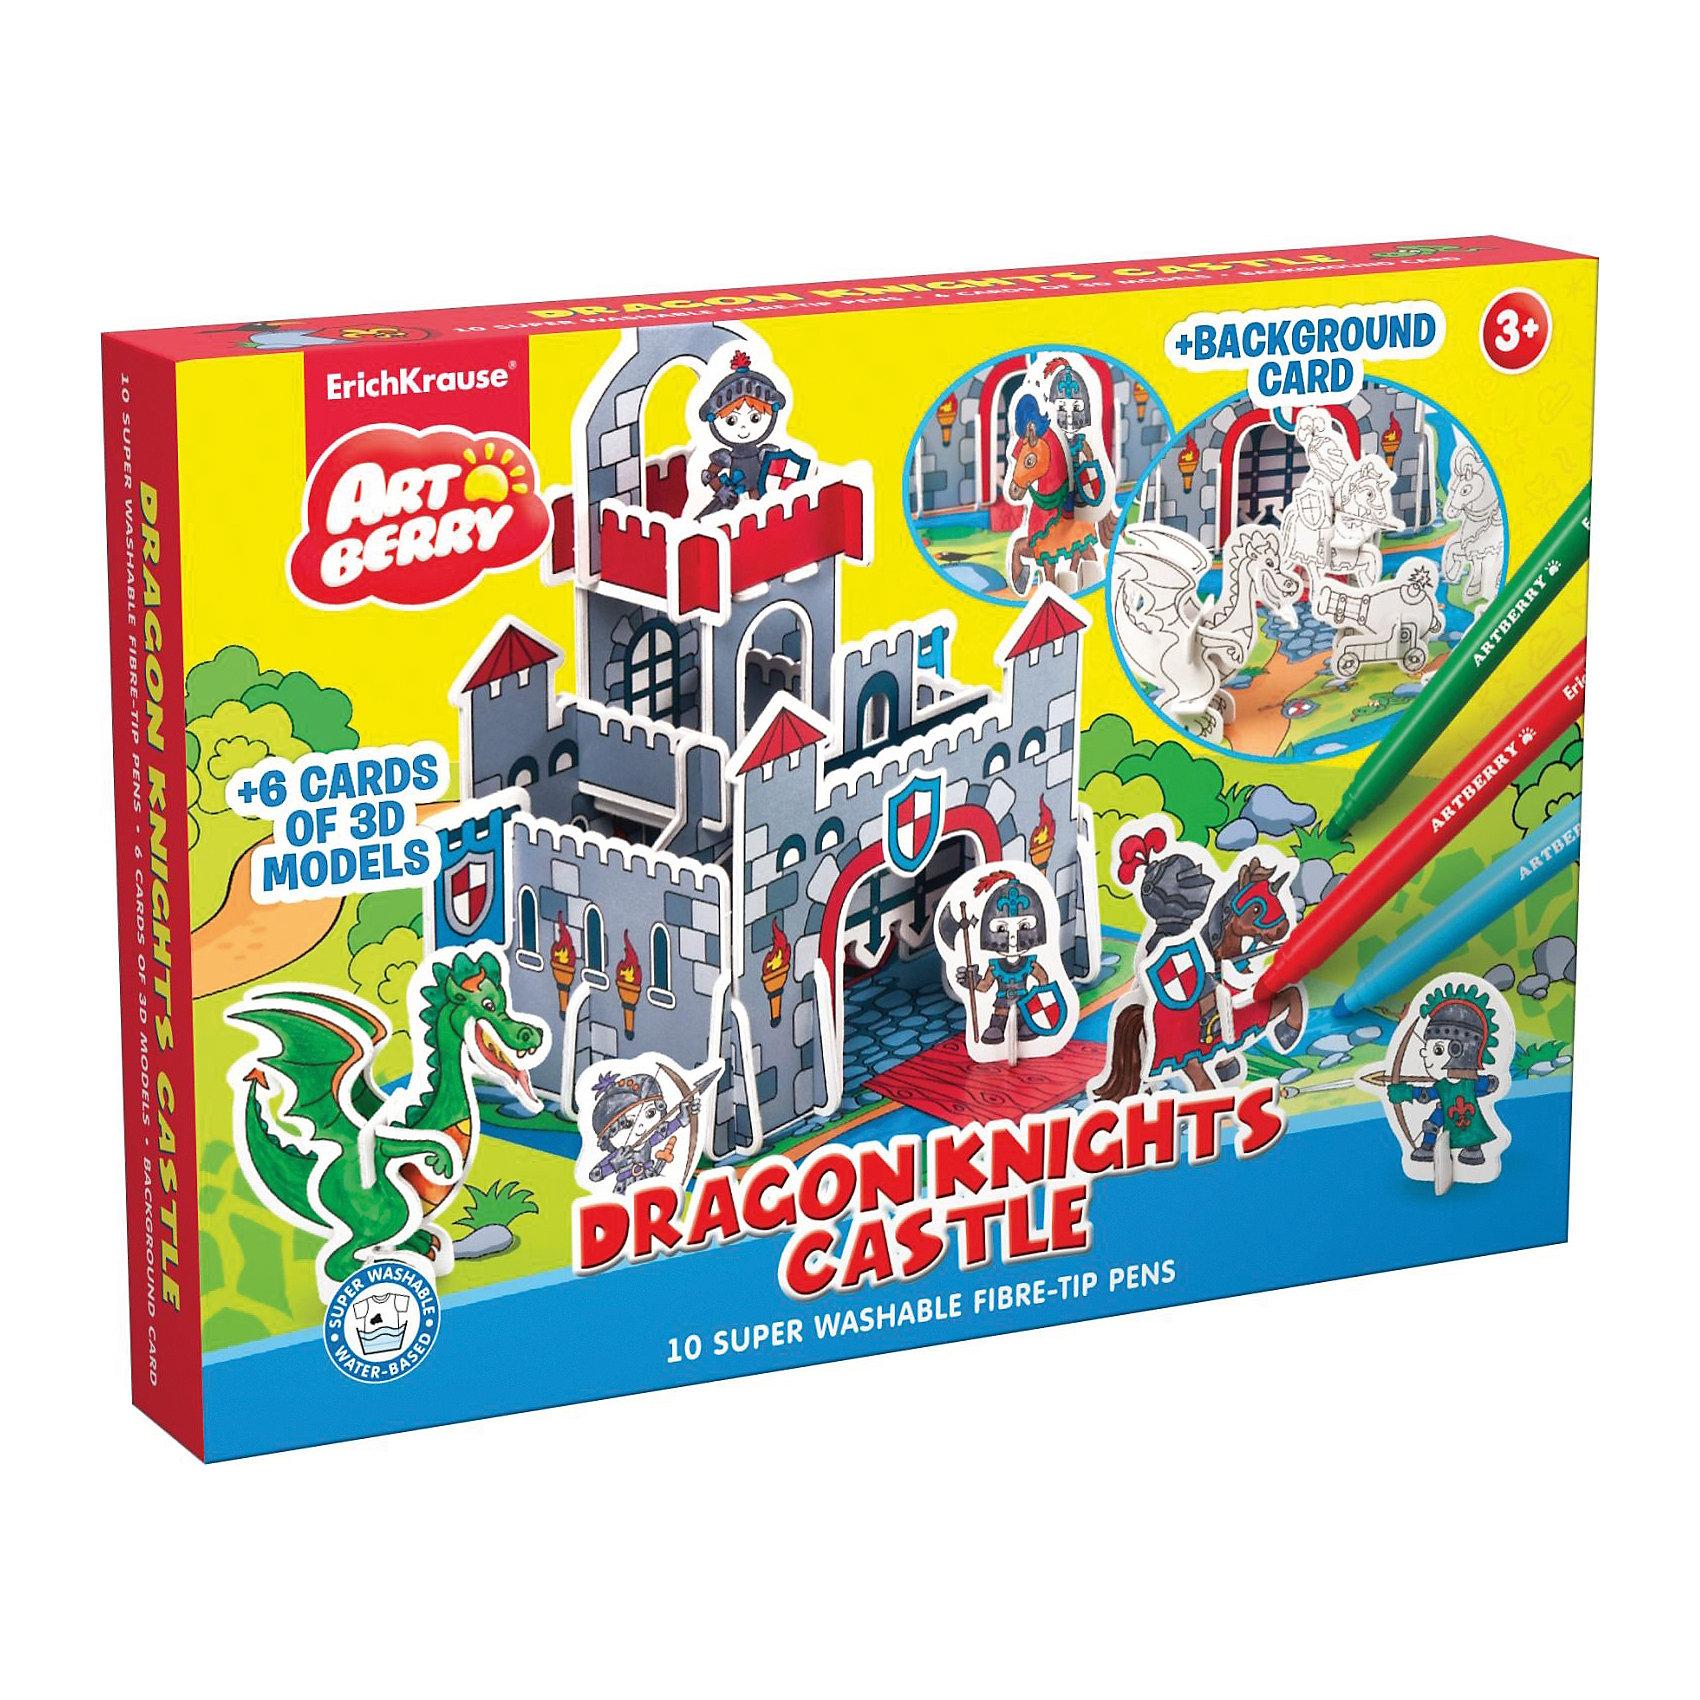 3D Раскраска Замок рыцарей Дракона, ArtberryРукоделие<br>3D Раскраска Замок рыцарей Дракона, Artberry (Артберри) создана специально для мальчиков, которые любят творчество. Он представляет собой набор карт-шаблонов с объемными деталями замка, рыцарей, дракона и прочими аксессуарами, которые необходимо раскрасить фломастерами и собрать по инструкции на игровом поле, а затем придумывать увлекательные истории про рыцарей.<br><br>Комплектация: 10 разноцветных фломастеров, 6 карт-шаблонов с фигурками животных и аксессуарами замка <br><br>Дополнительная информация:<br>-Вес в упаковке: 581 г<br>-Размеры в упаковке: 335х230х44 мм<br>-Материалы: картон, пластик, чернила<br><br>Набор 3D Раскраска Замок рыцарей Дракона доставит настоящую радость Вашему ребенку и откроет ему увлекательный и красочный мир творчества!<br><br>3D Раскраска Замок рыцарей Дракона, Artberry (Артберри) можно купить в нашем магазине.<br><br>Ширина мм: 335<br>Глубина мм: 230<br>Высота мм: 44<br>Вес г: 581<br>Возраст от месяцев: 36<br>Возраст до месяцев: 144<br>Пол: Унисекс<br>Возраст: Детский<br>SKU: 4058314